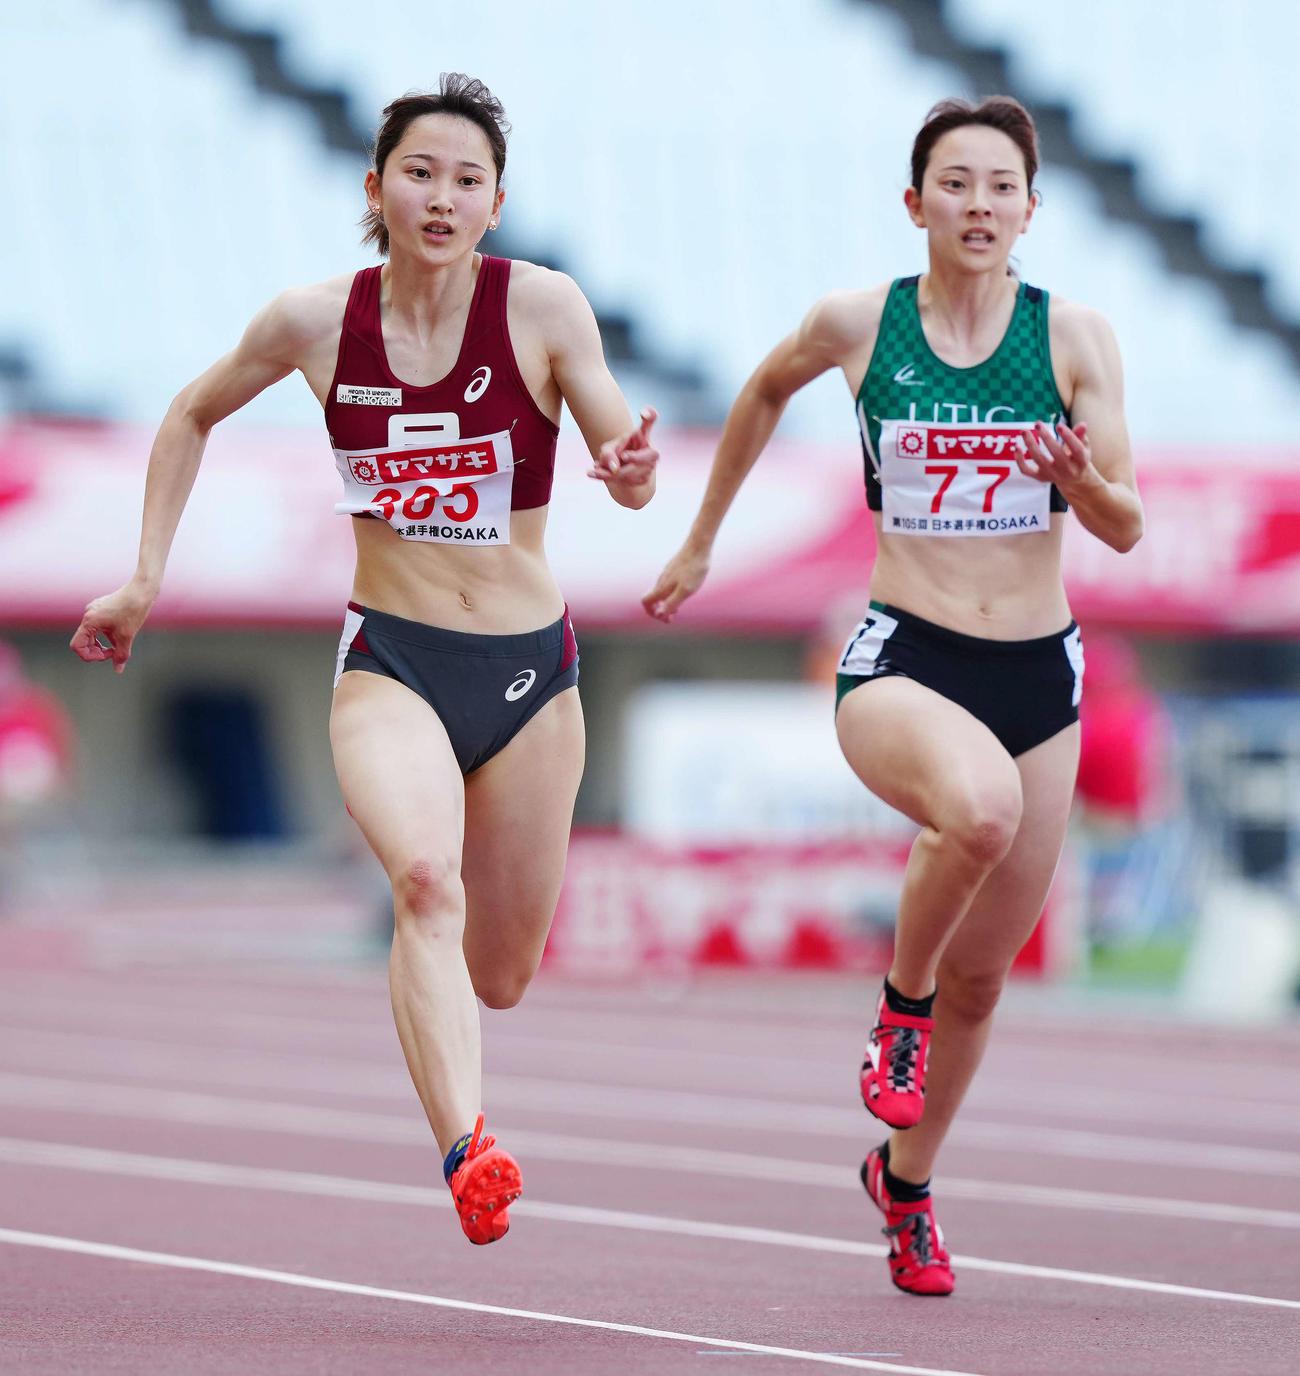 女子100メートル予選5組に出場する壱岐姉妹。左は1着の妹あいこ、右は6着の姉いちこ(撮影・江口和貴)